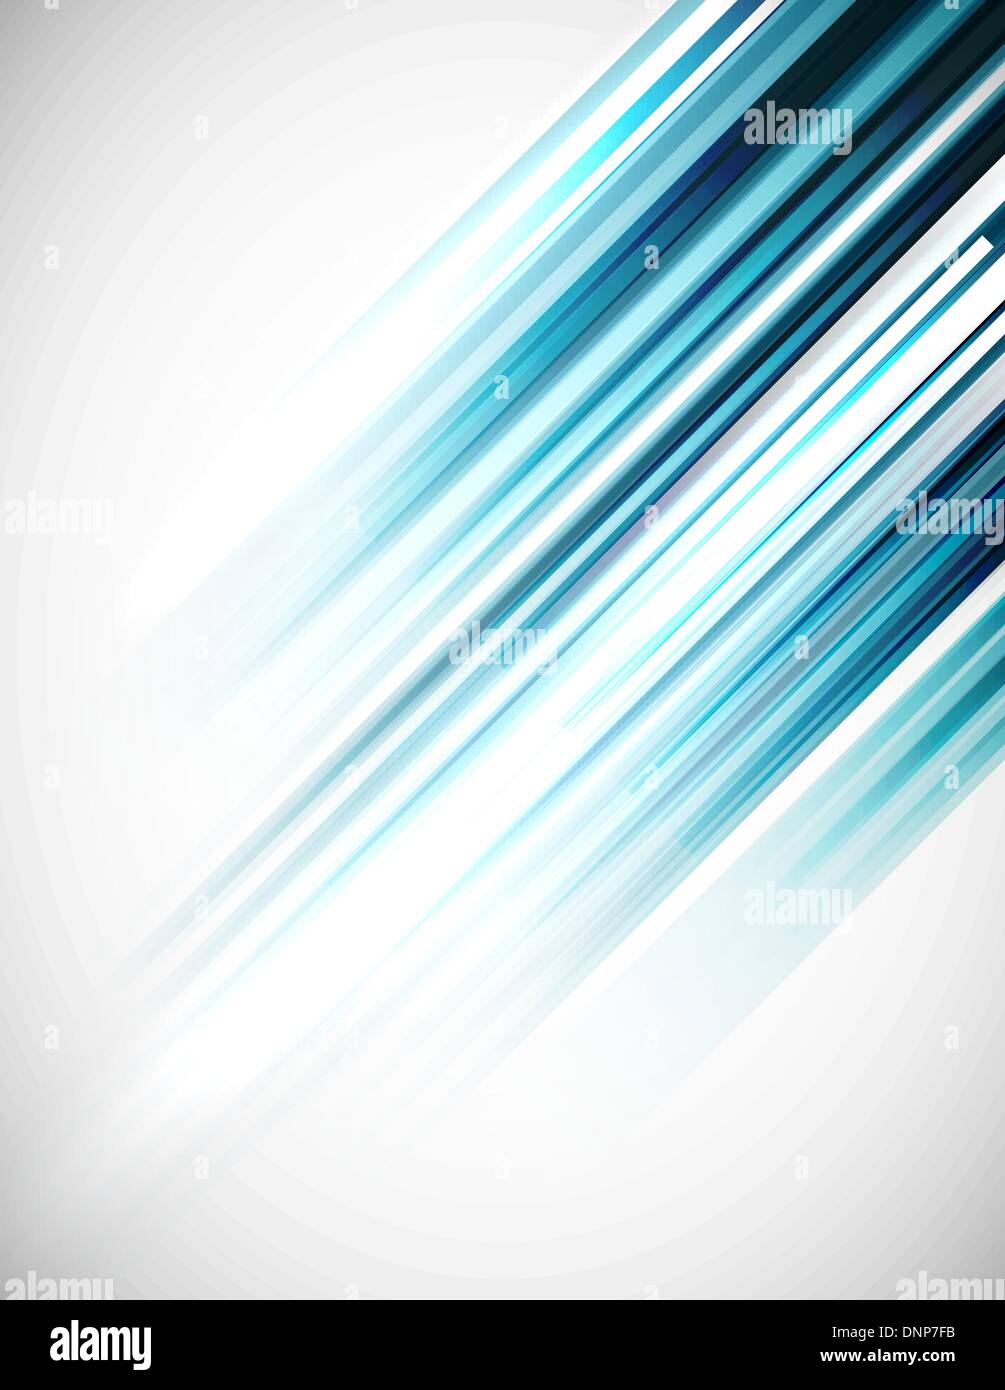 Azul líneas rectas abstracto antecedentes vectoriales Ilustración del Vector